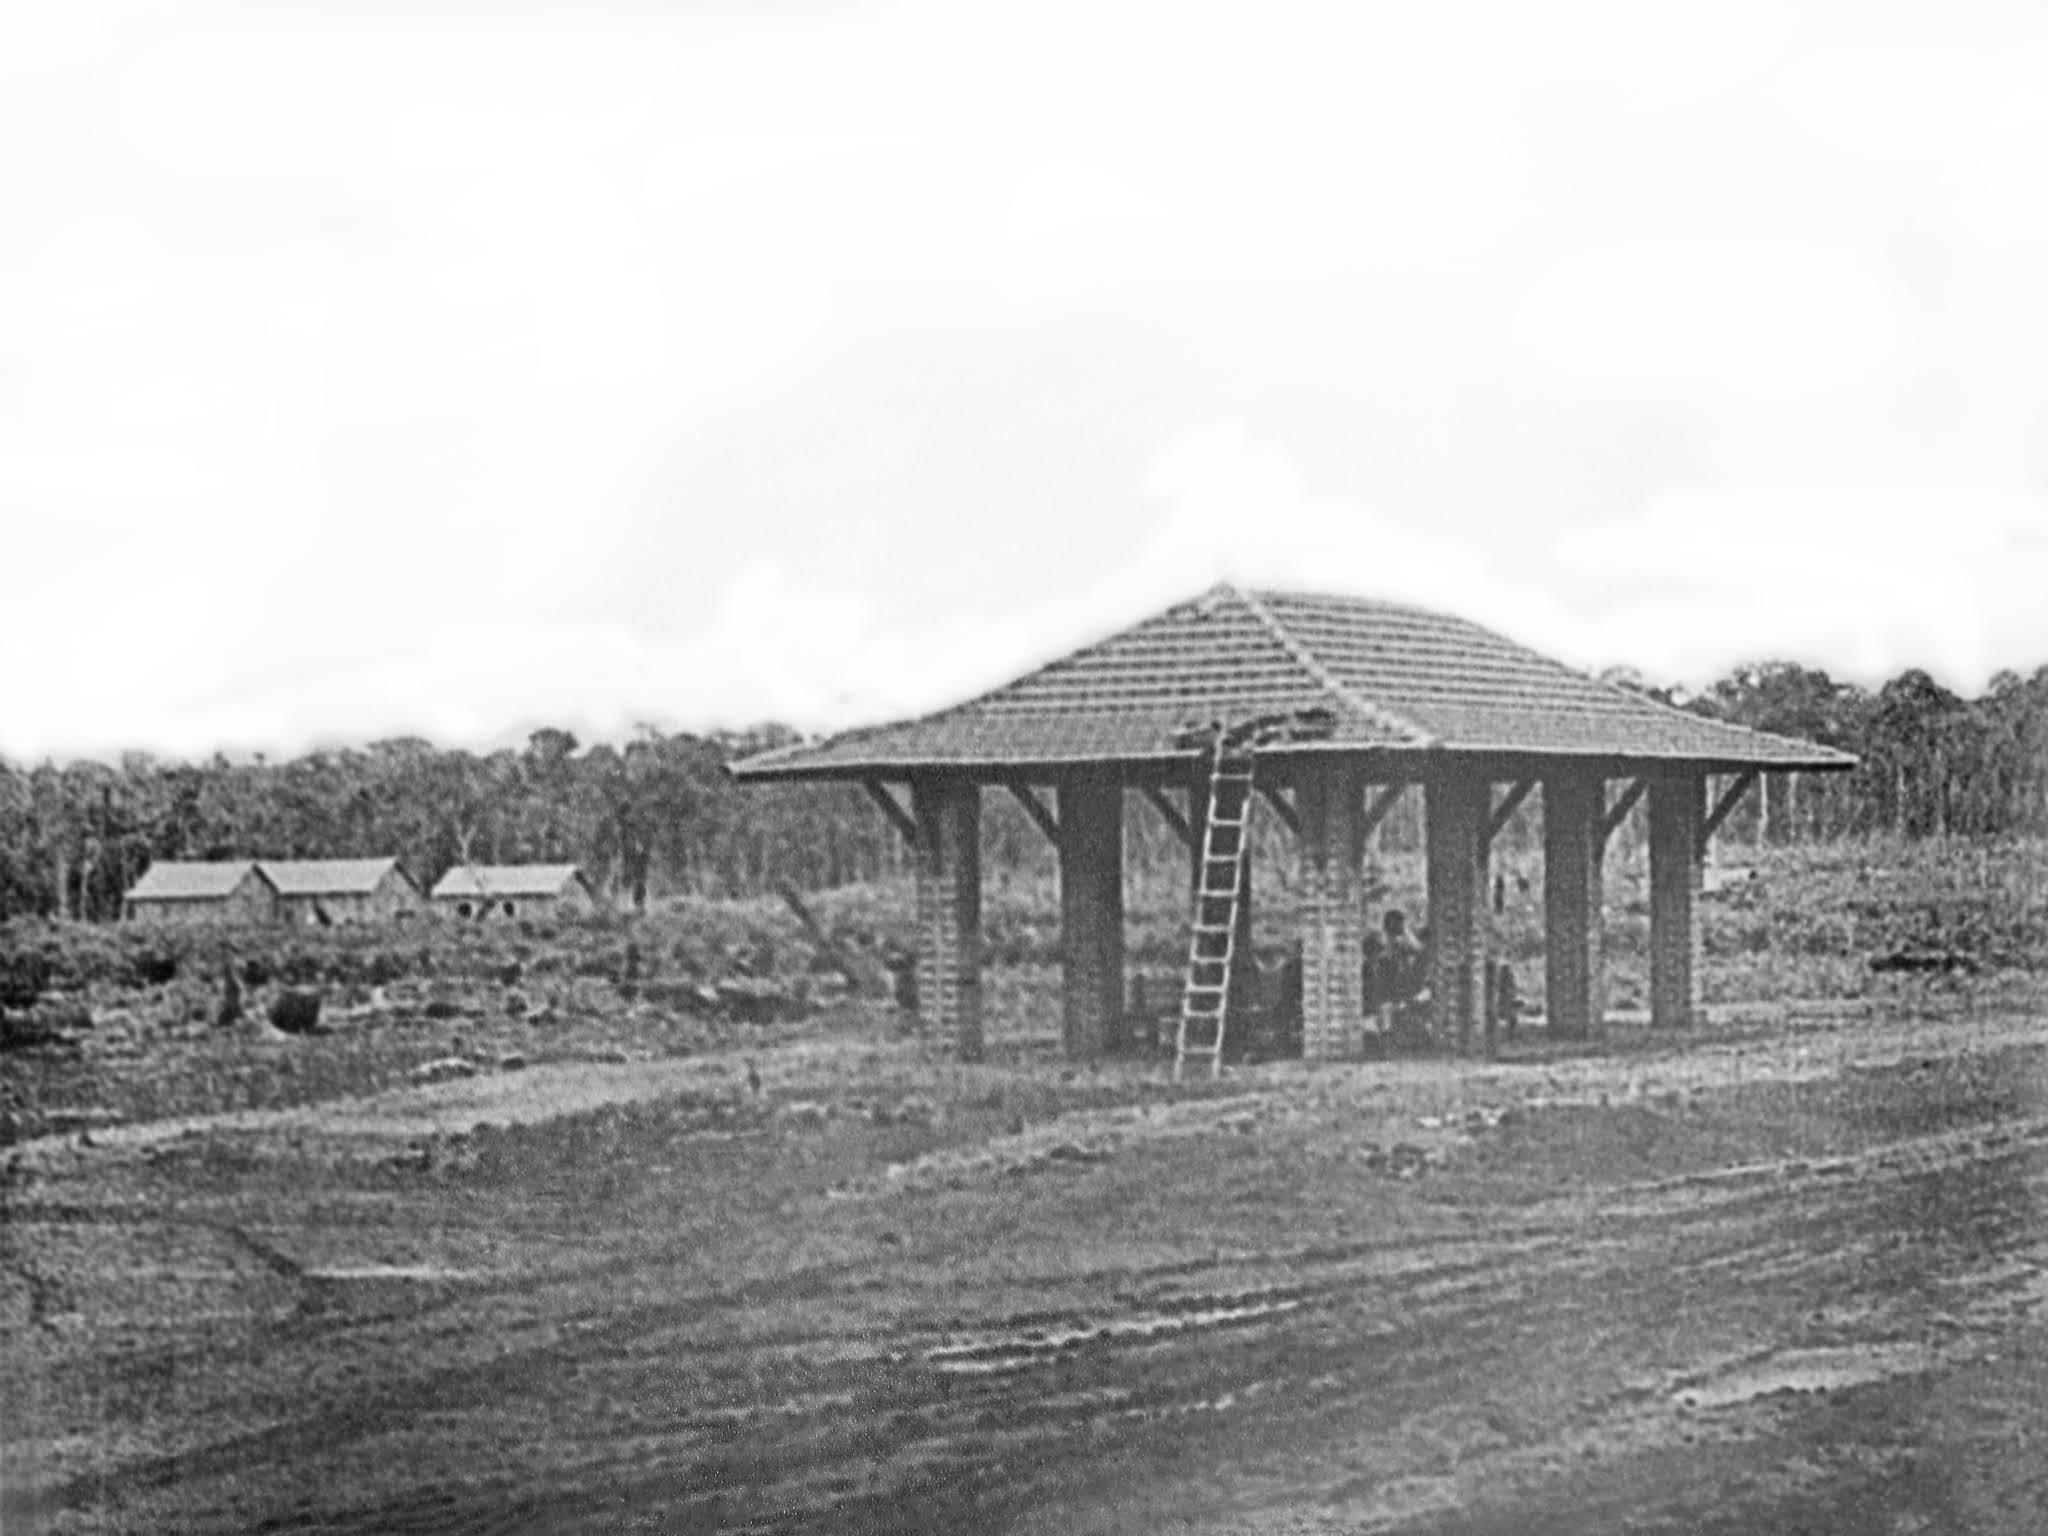 Estação Rodoviária de Maringá - Final dos anos 1940